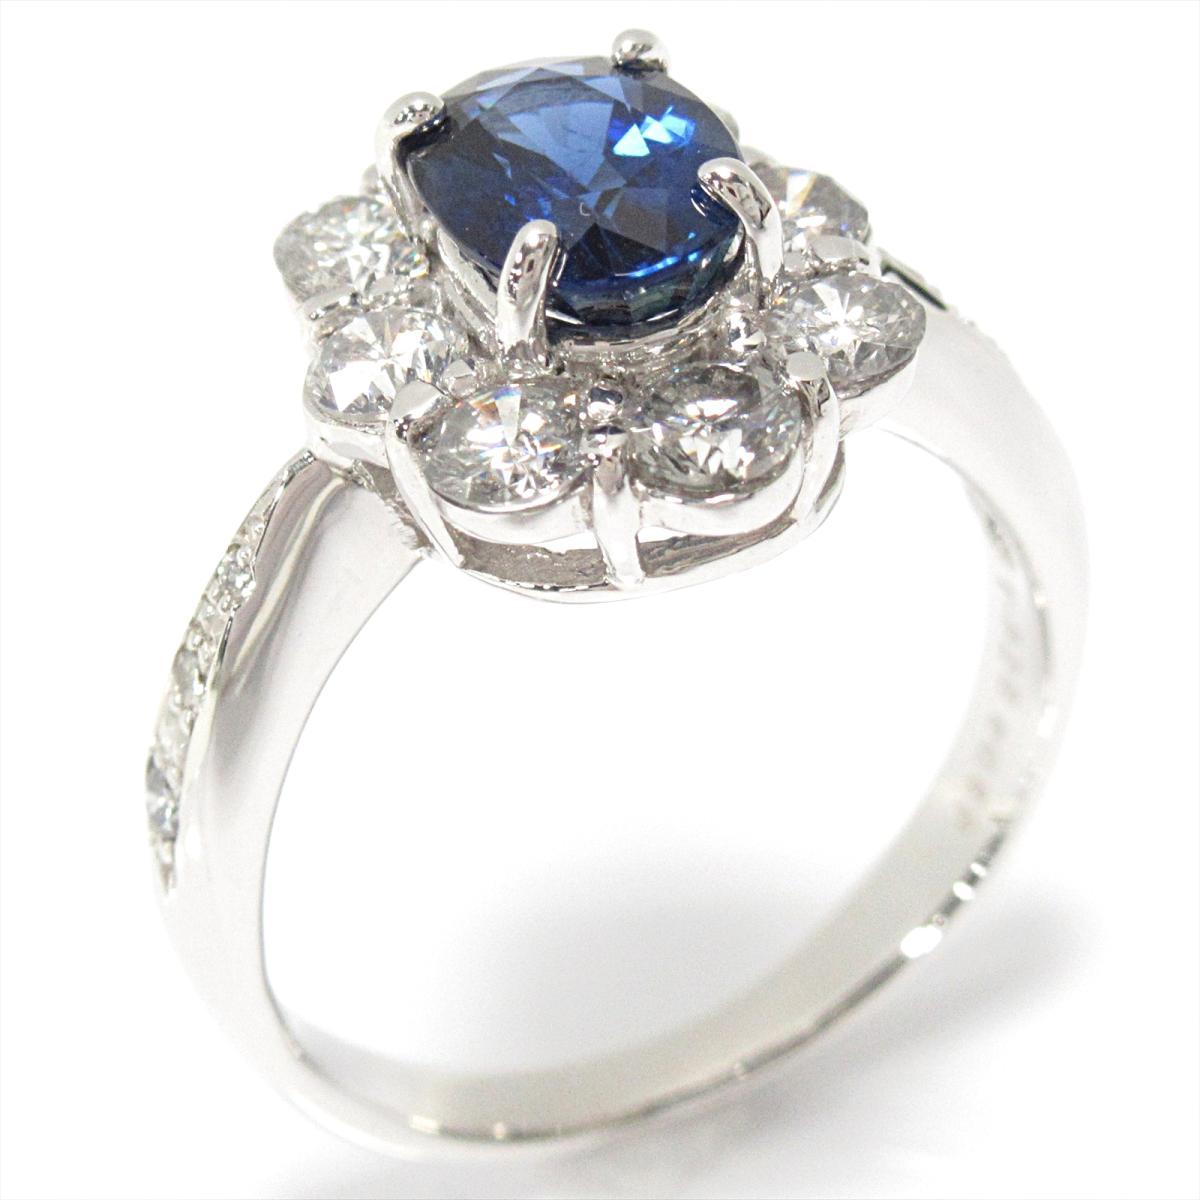 【中古】ジュエリー サファイアリング 指輪 ノーブランドジュエリー レディース PT900 プラチナxサファイア (1.325ct) xダイヤモンド (0.89ct)   JEWELRY BRANDOFF ブランドオフ アクセサリー リング